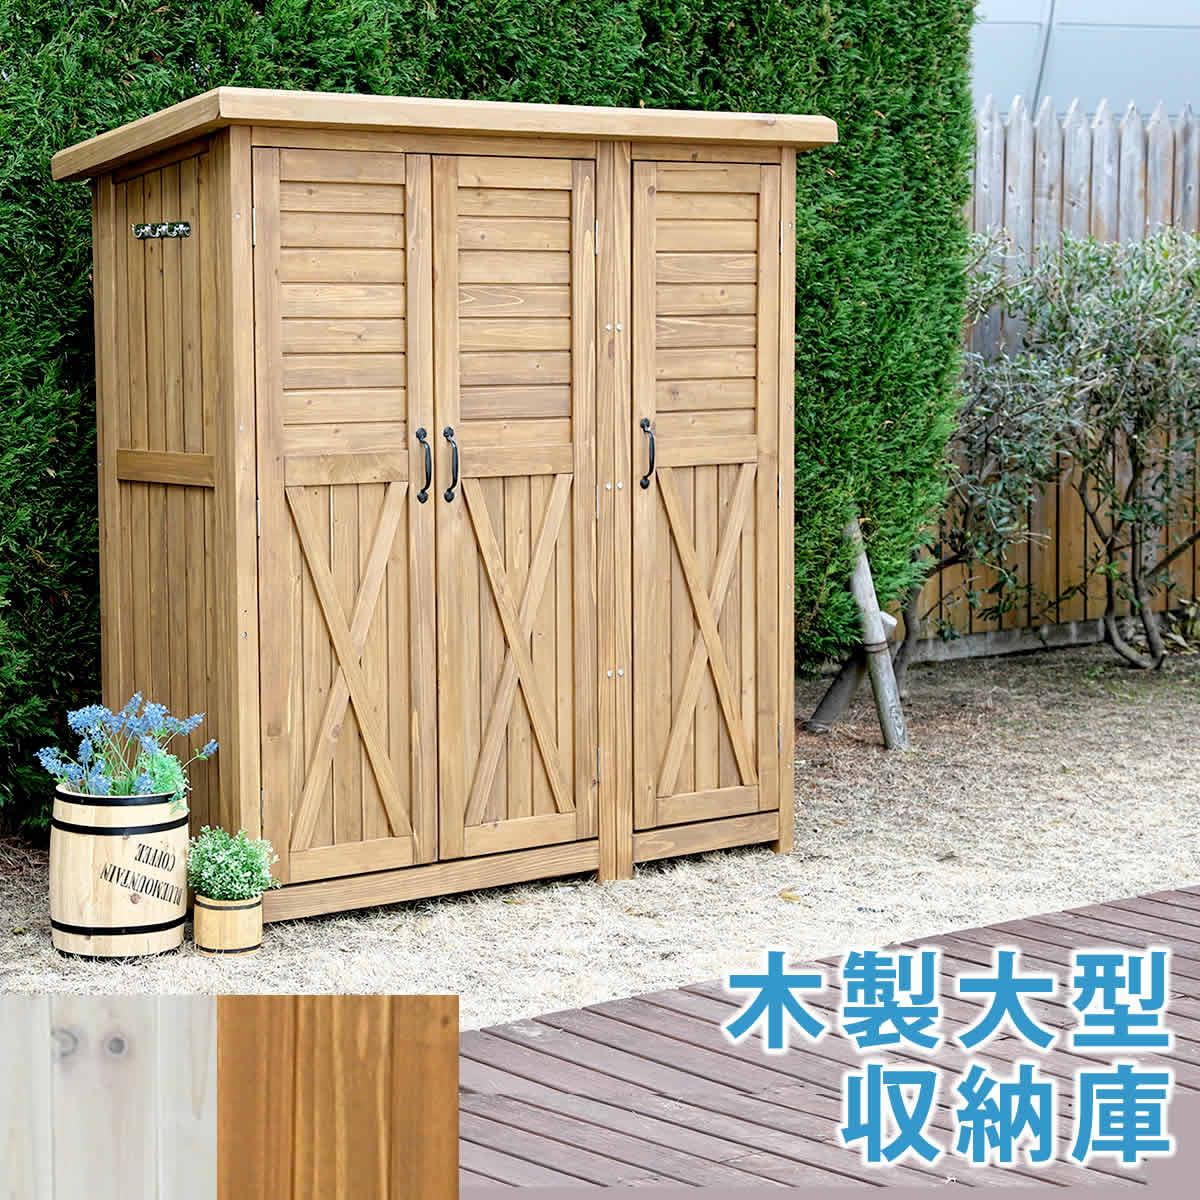 収納家具 屋外ストッカー 木製 大型 収納庫 (三つ扉) KTDS1600大型なのに省スペース!クローゼットのような使い心地♪KTDS1600 ベランダ収納 収納 収納庫 小屋 物置 天然木 木製 収納家具 屋外収納 物置 おしゃれ